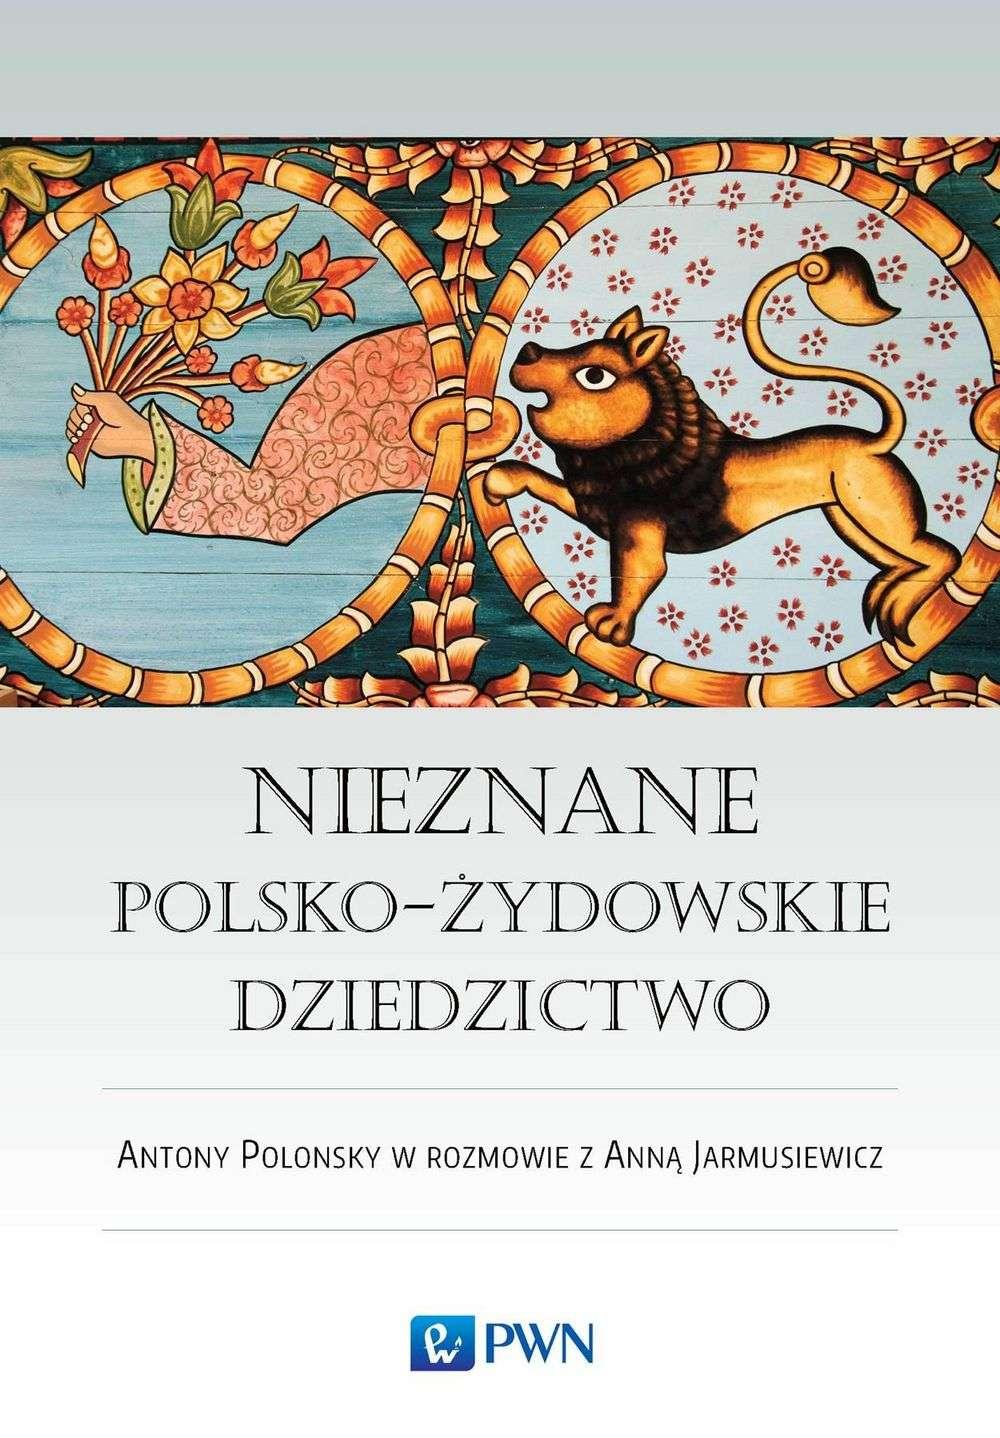 Nieznane_polsko_zydowskie_dziedzictwo._Antony_Polonsky_w_rozmowie_z_Anna_Jarmusiewicz